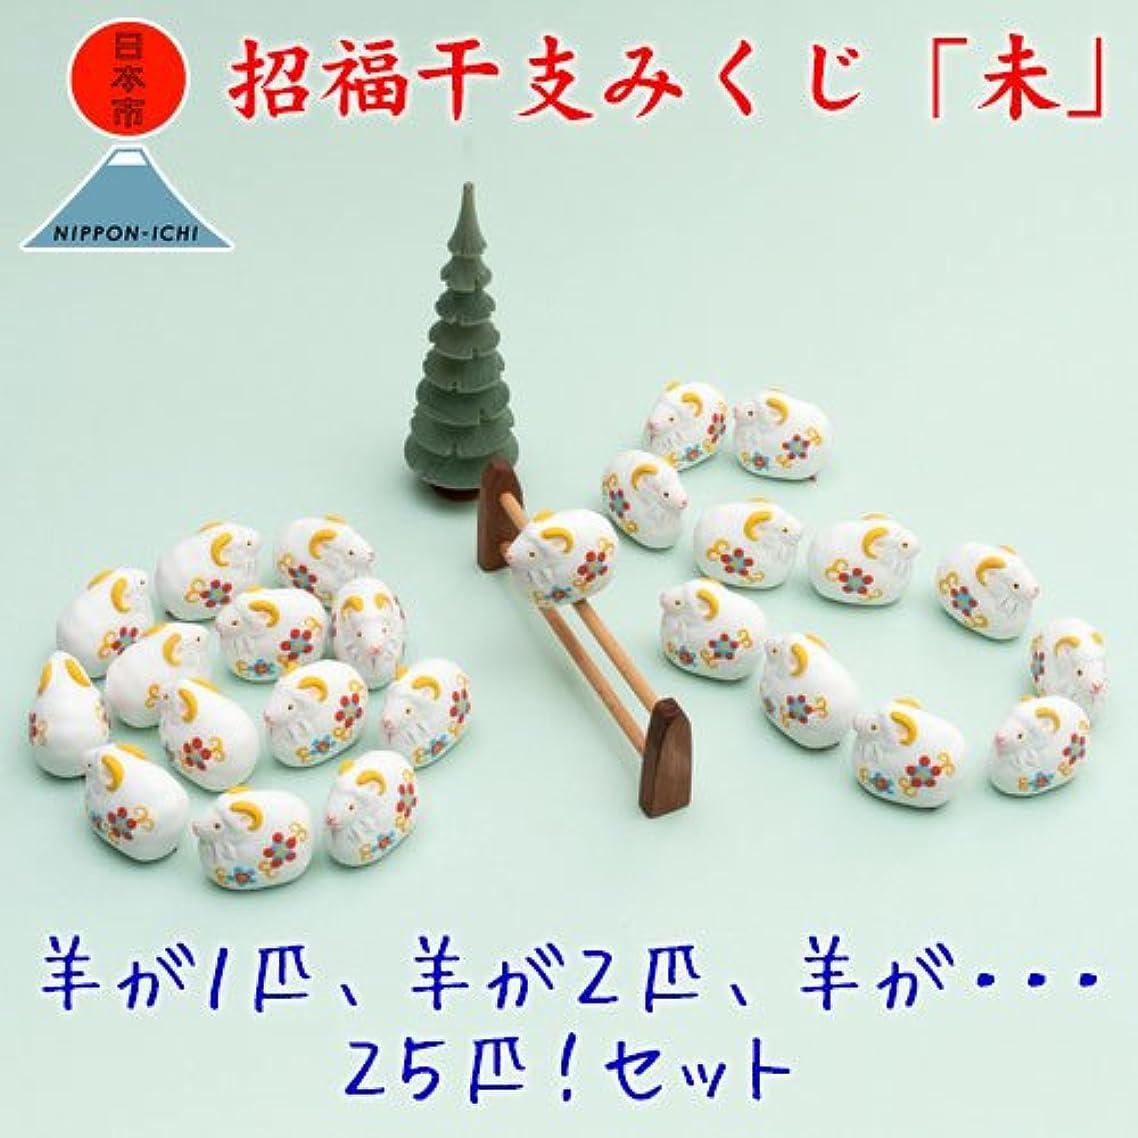 【ノーブランド品】羊が1匹、羊が2匹、羊が???25匹招福干支みくじ「未」日本市正月おみくじセット